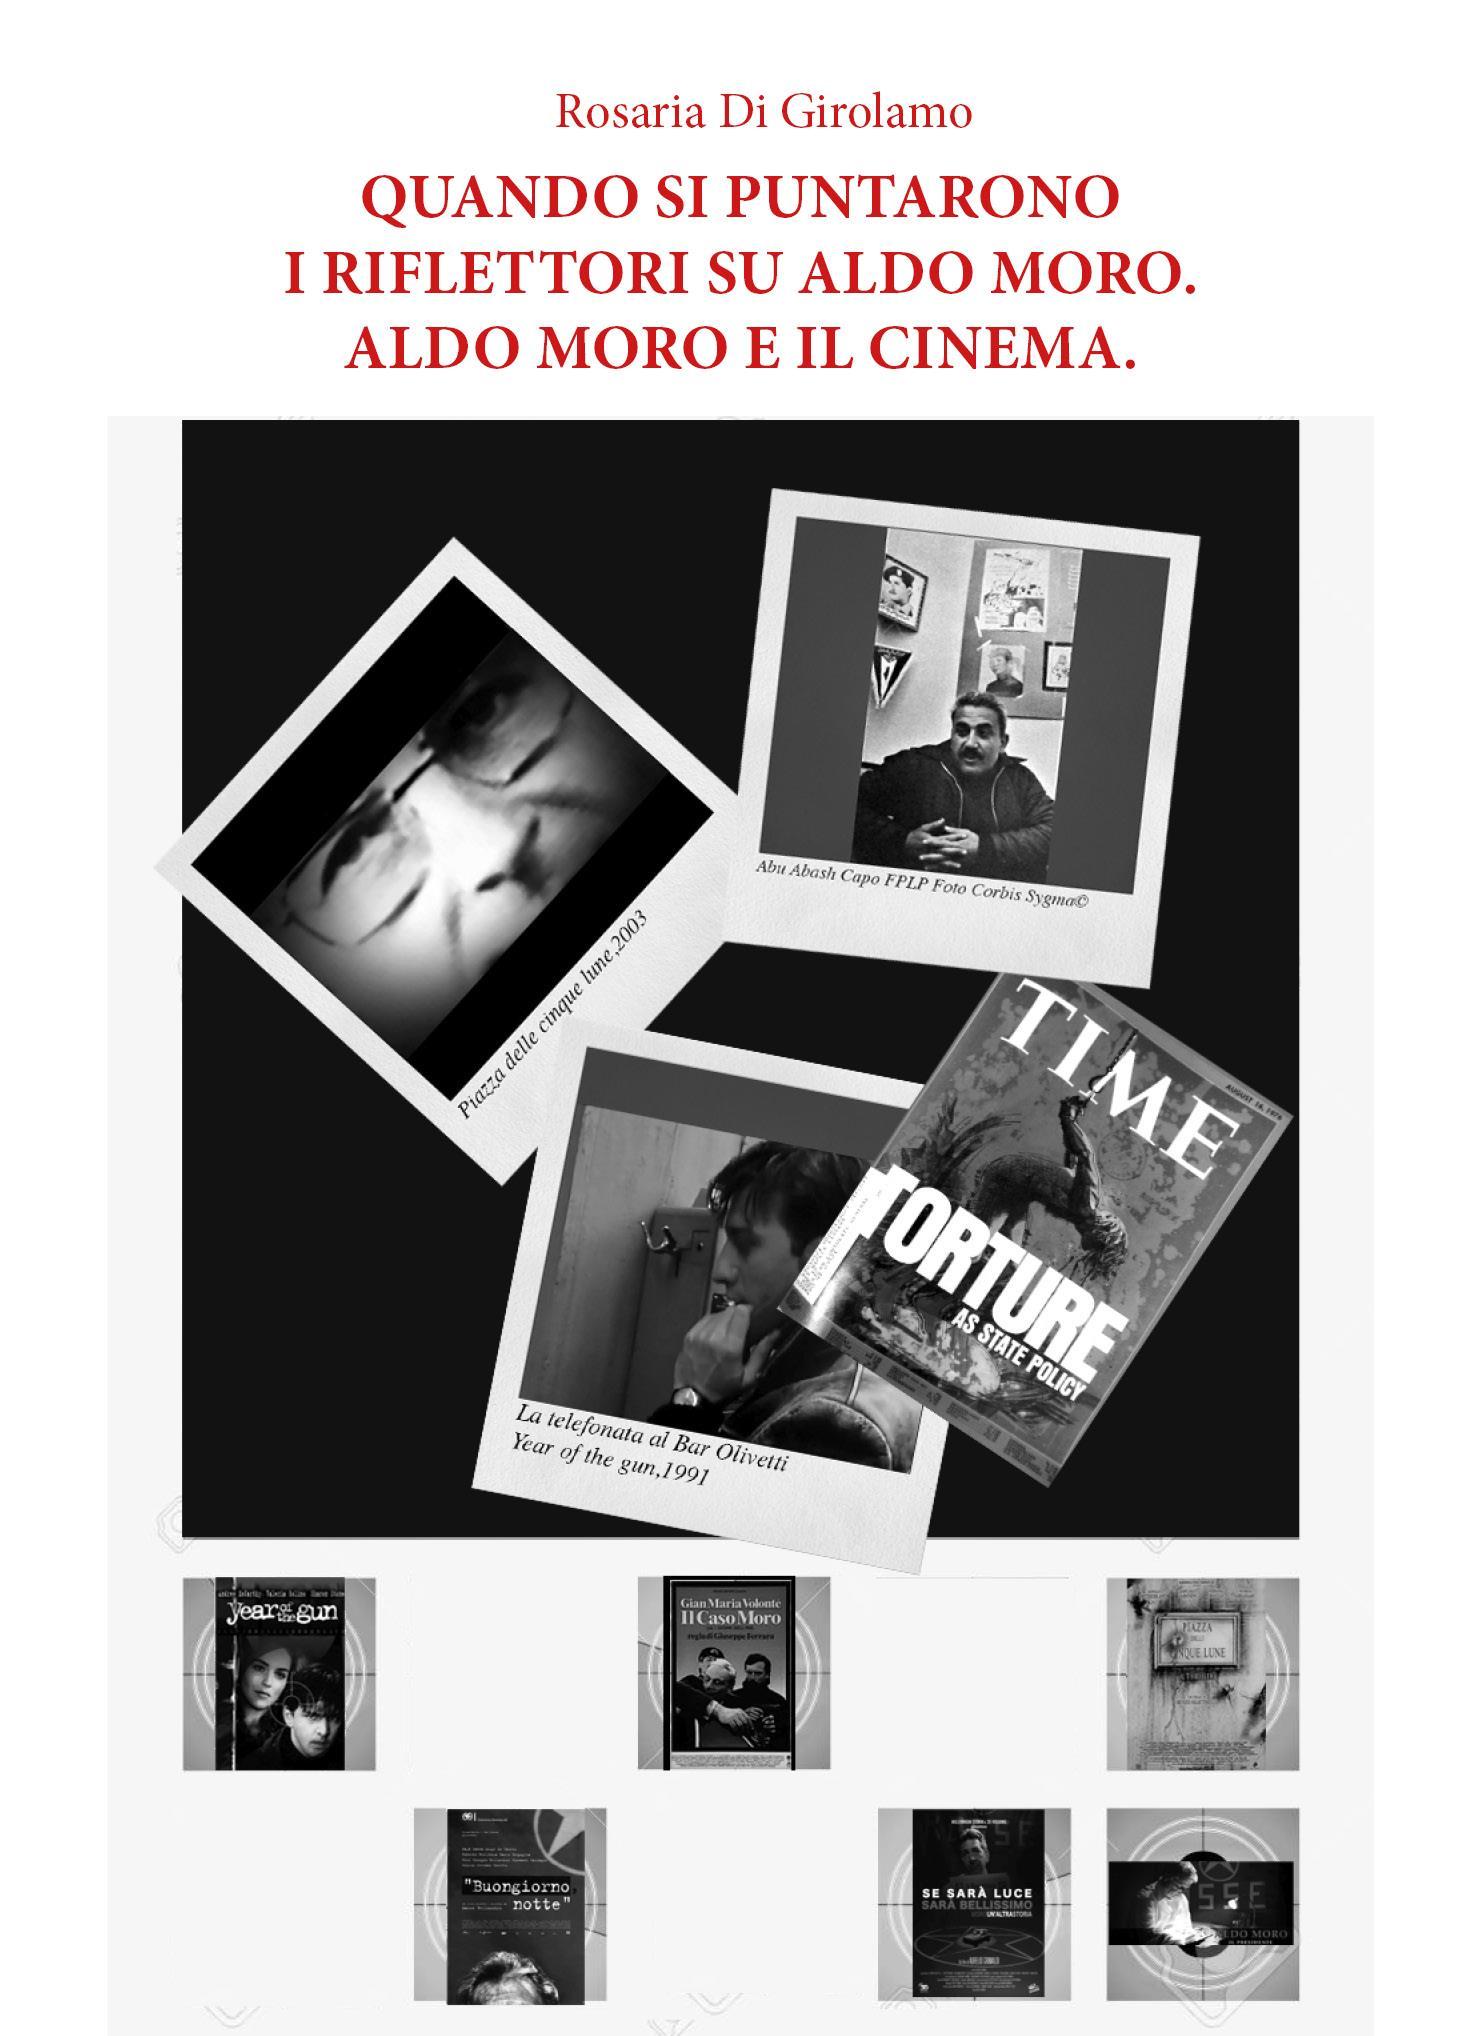 Quando si puntarono i riflettori su Aldo Moro. Aldo Moro e il cinema.